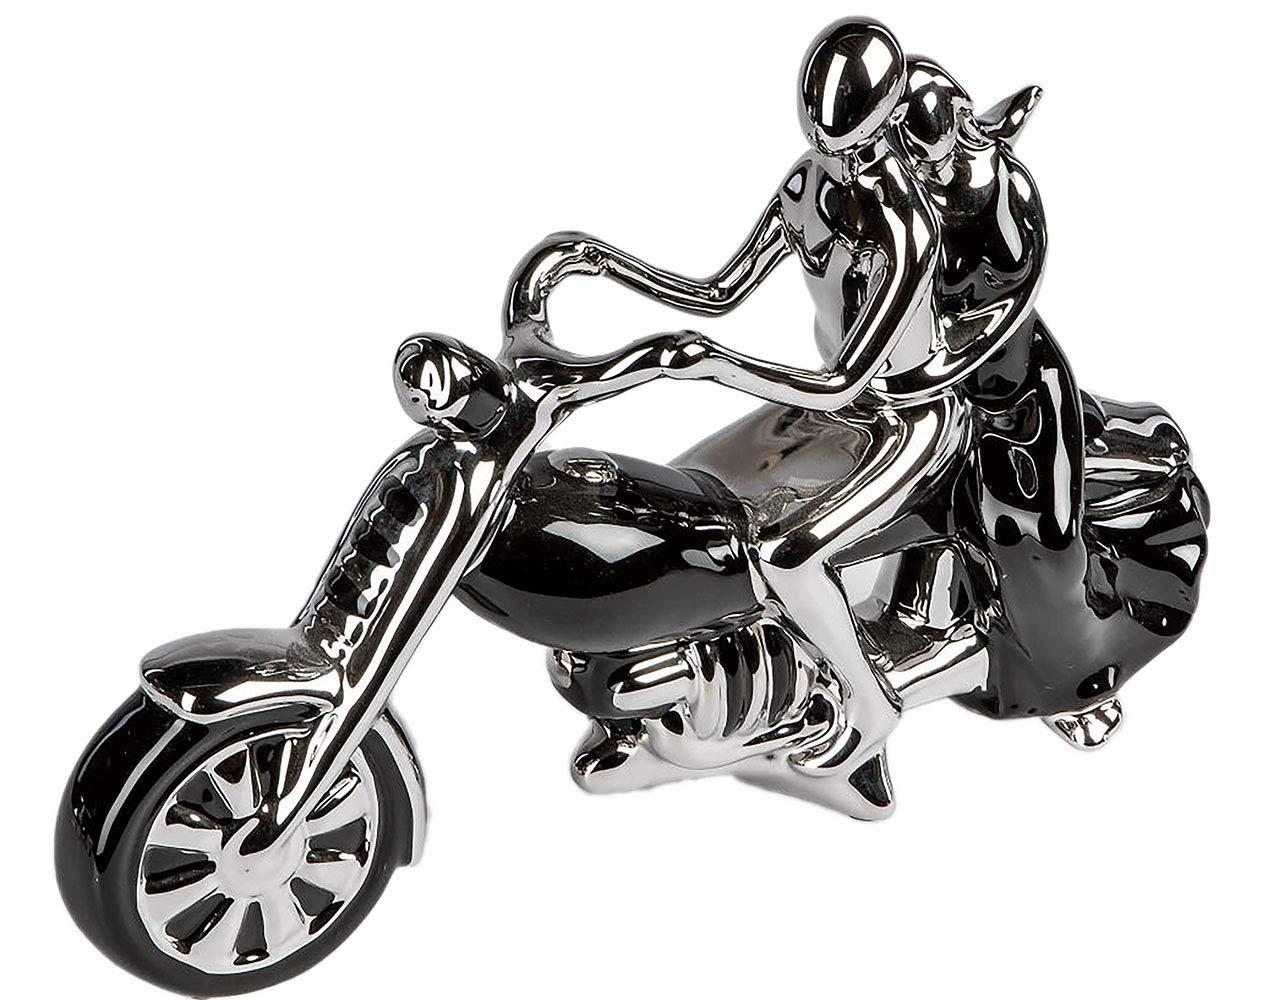 Moderne Deko Skulptur Paar auf Motorrad aus Keramik schwarz silber Länge 37 cm